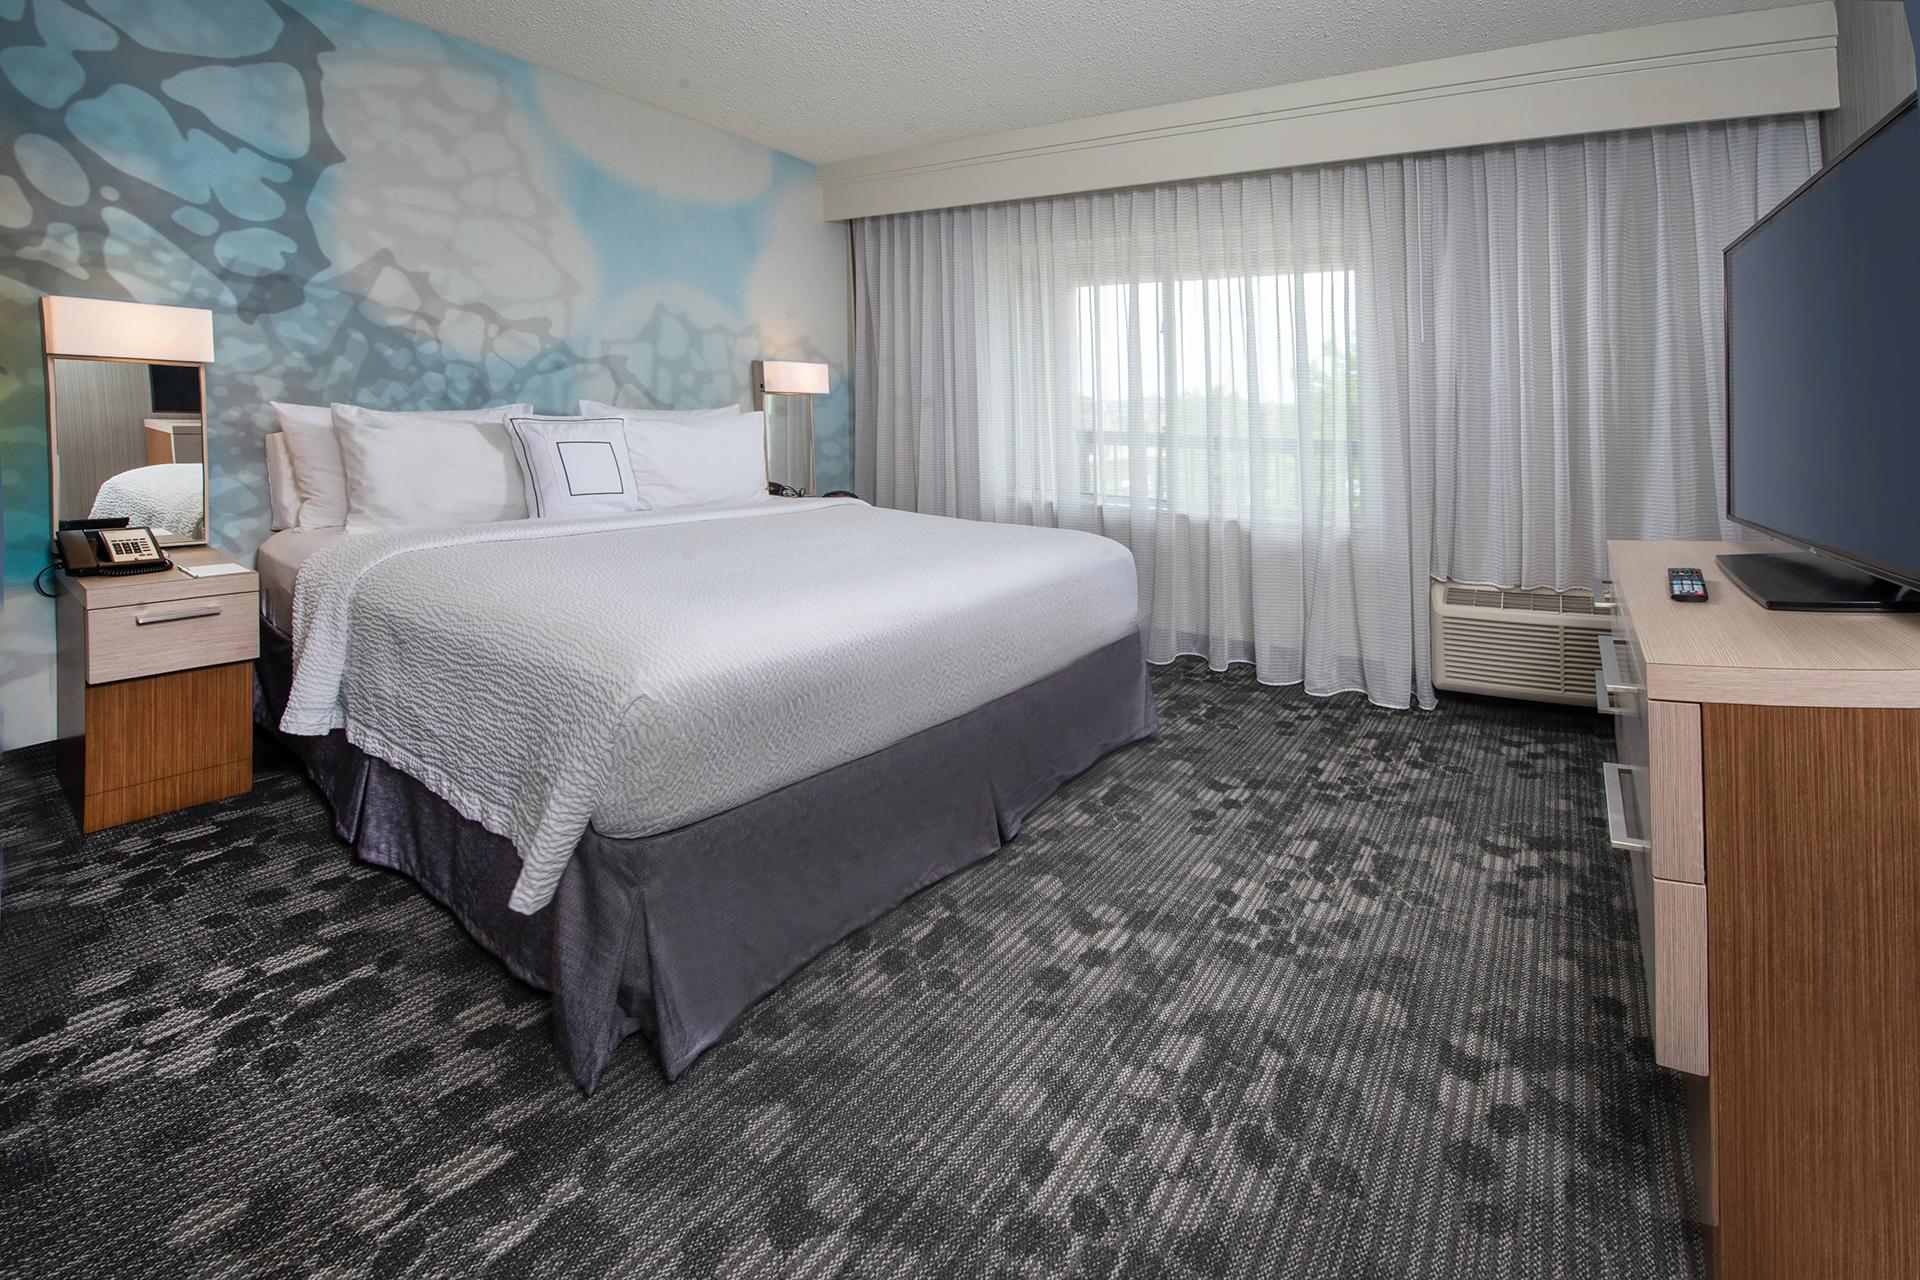 Sonesta Select Allentown One bedroom king suite